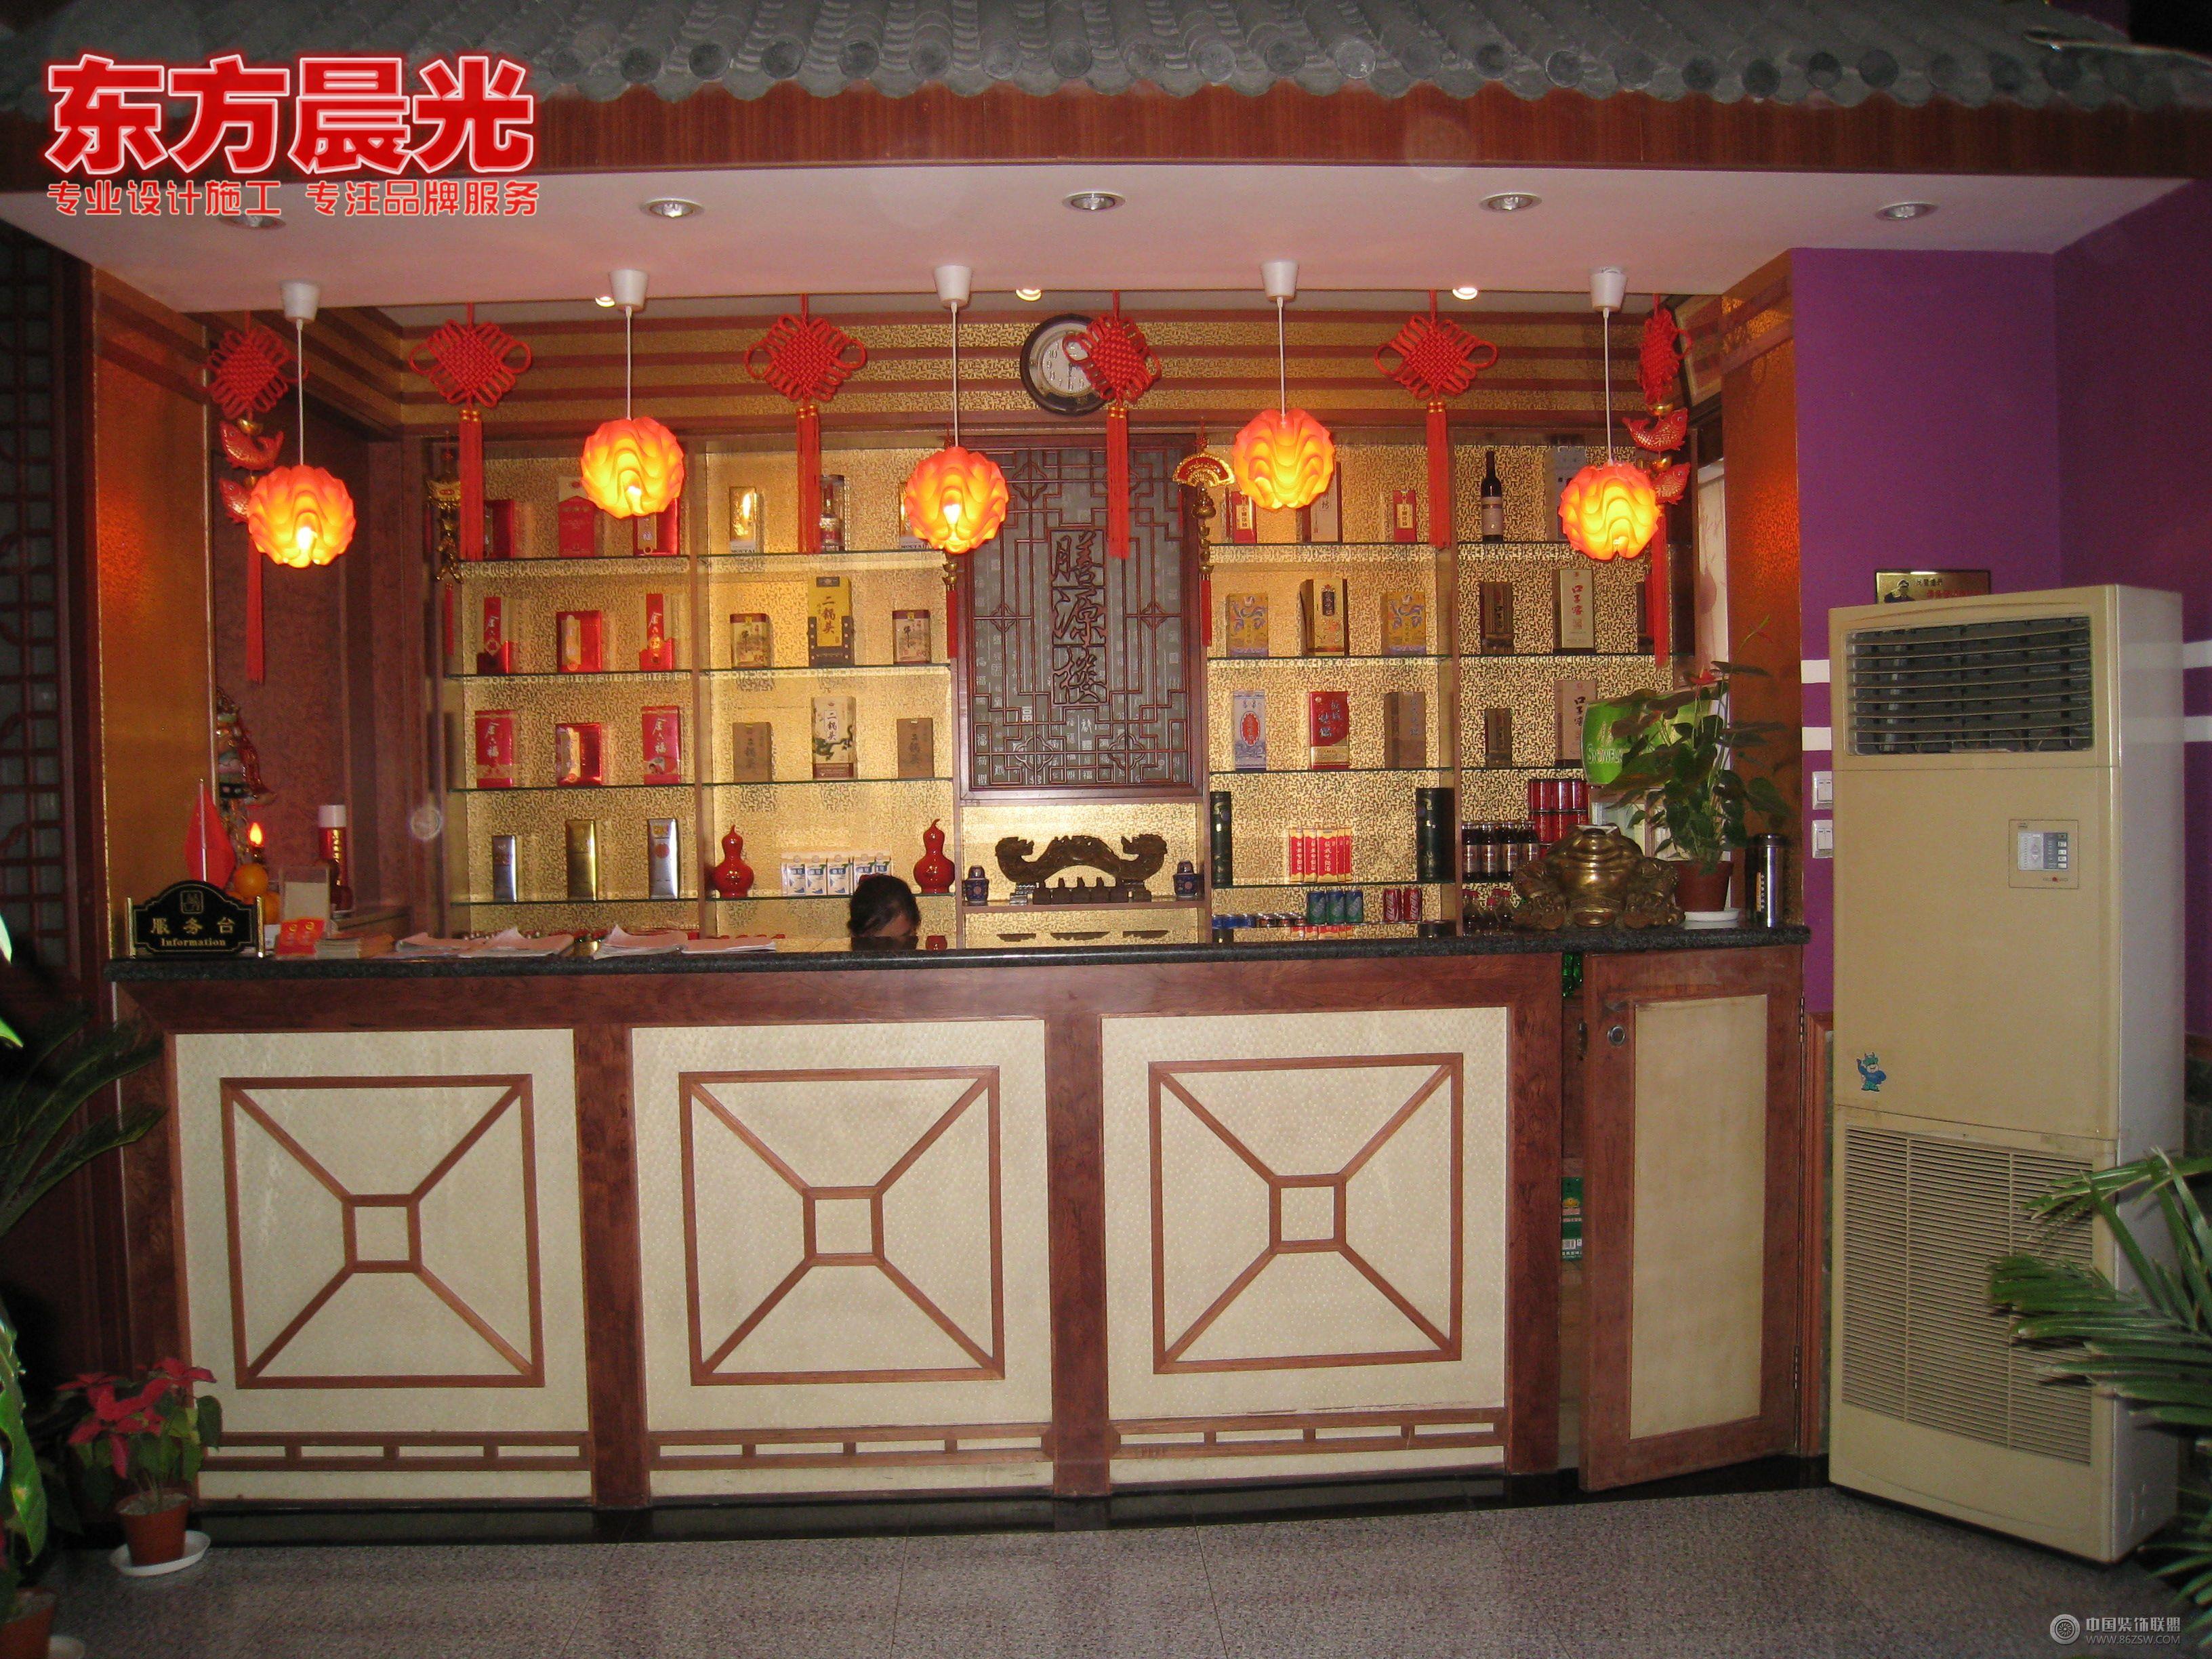 餐馆装修效果图 饭店中式装修  类型:公装 房型:餐馆 面积:1000平米